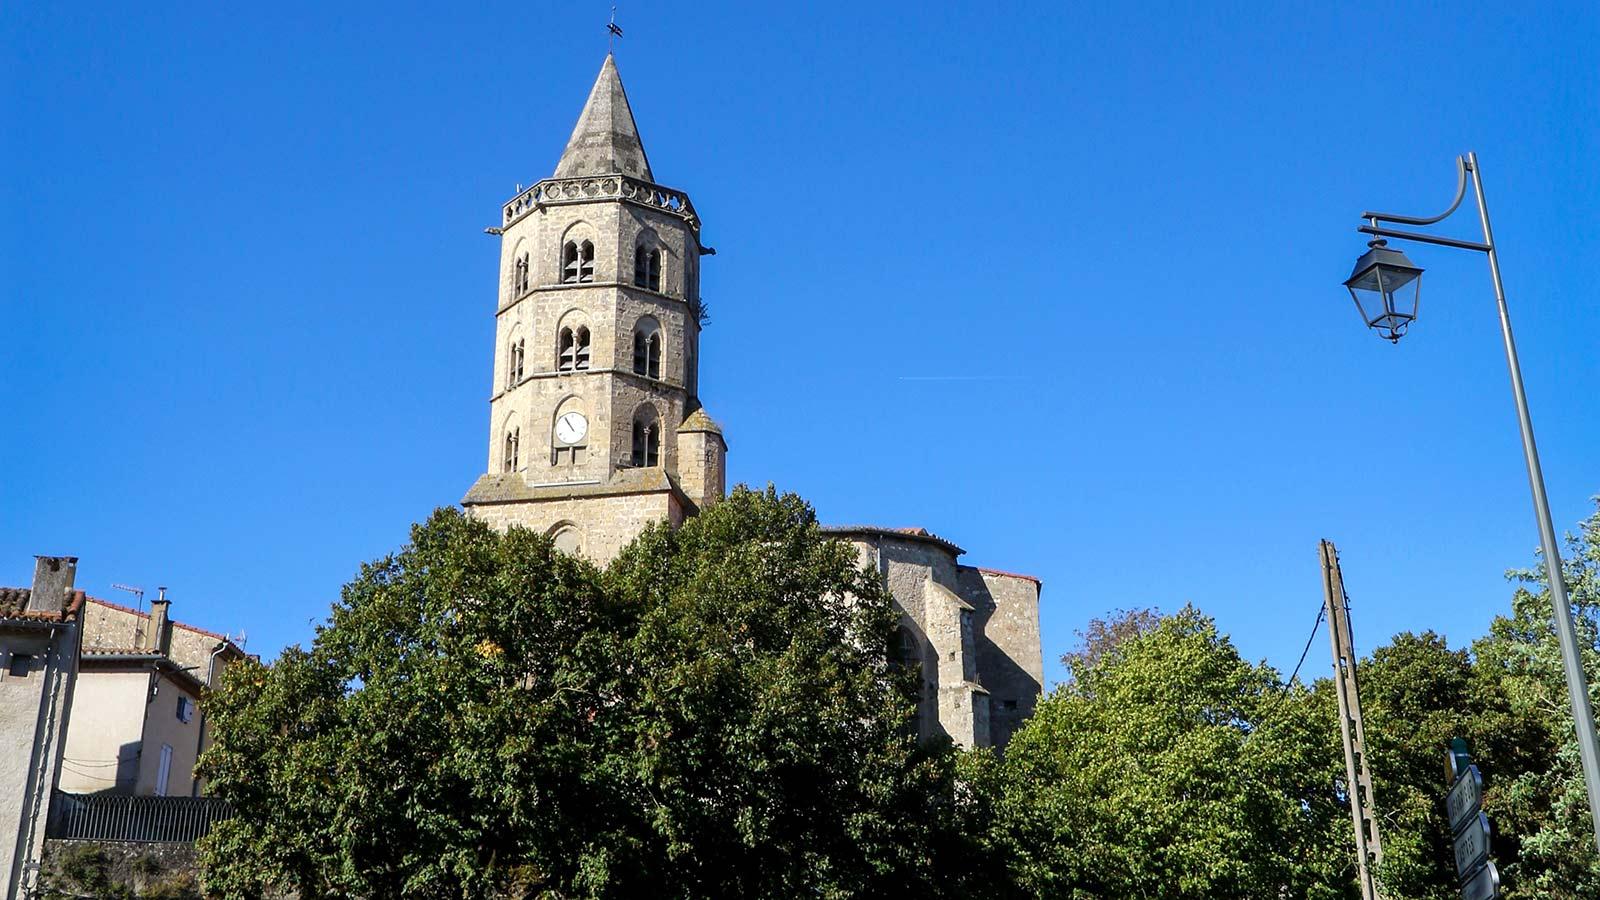 église Saint-Thyrs à Labruguiere